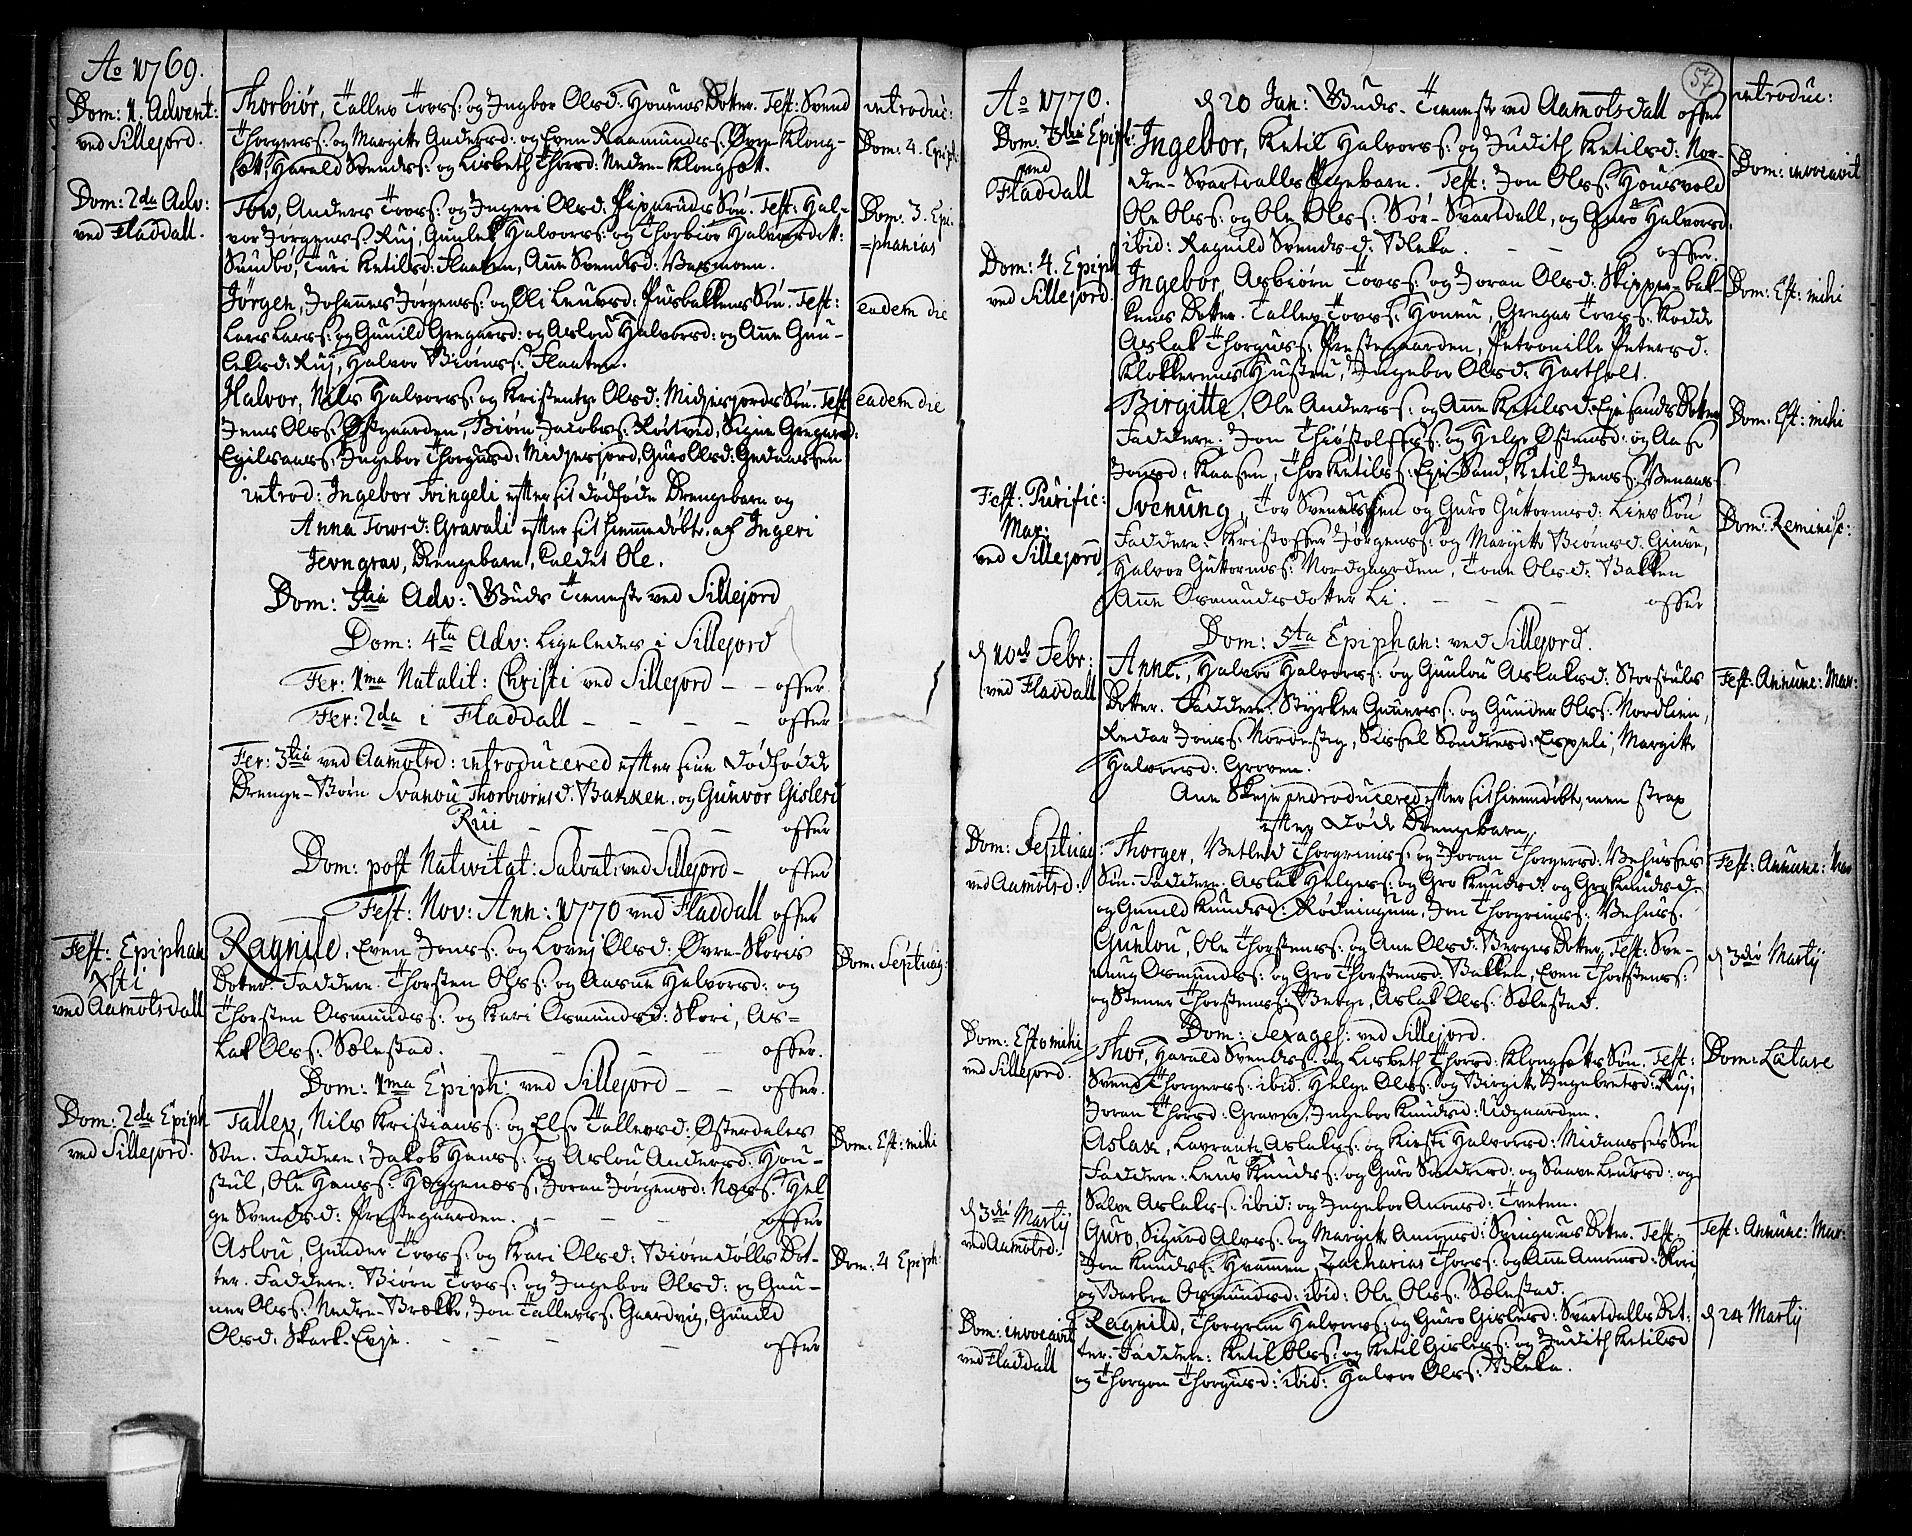 SAKO, Seljord kirkebøker, F/Fa/L0007: Ministerialbok nr. I 7, 1755-1800, s. 57